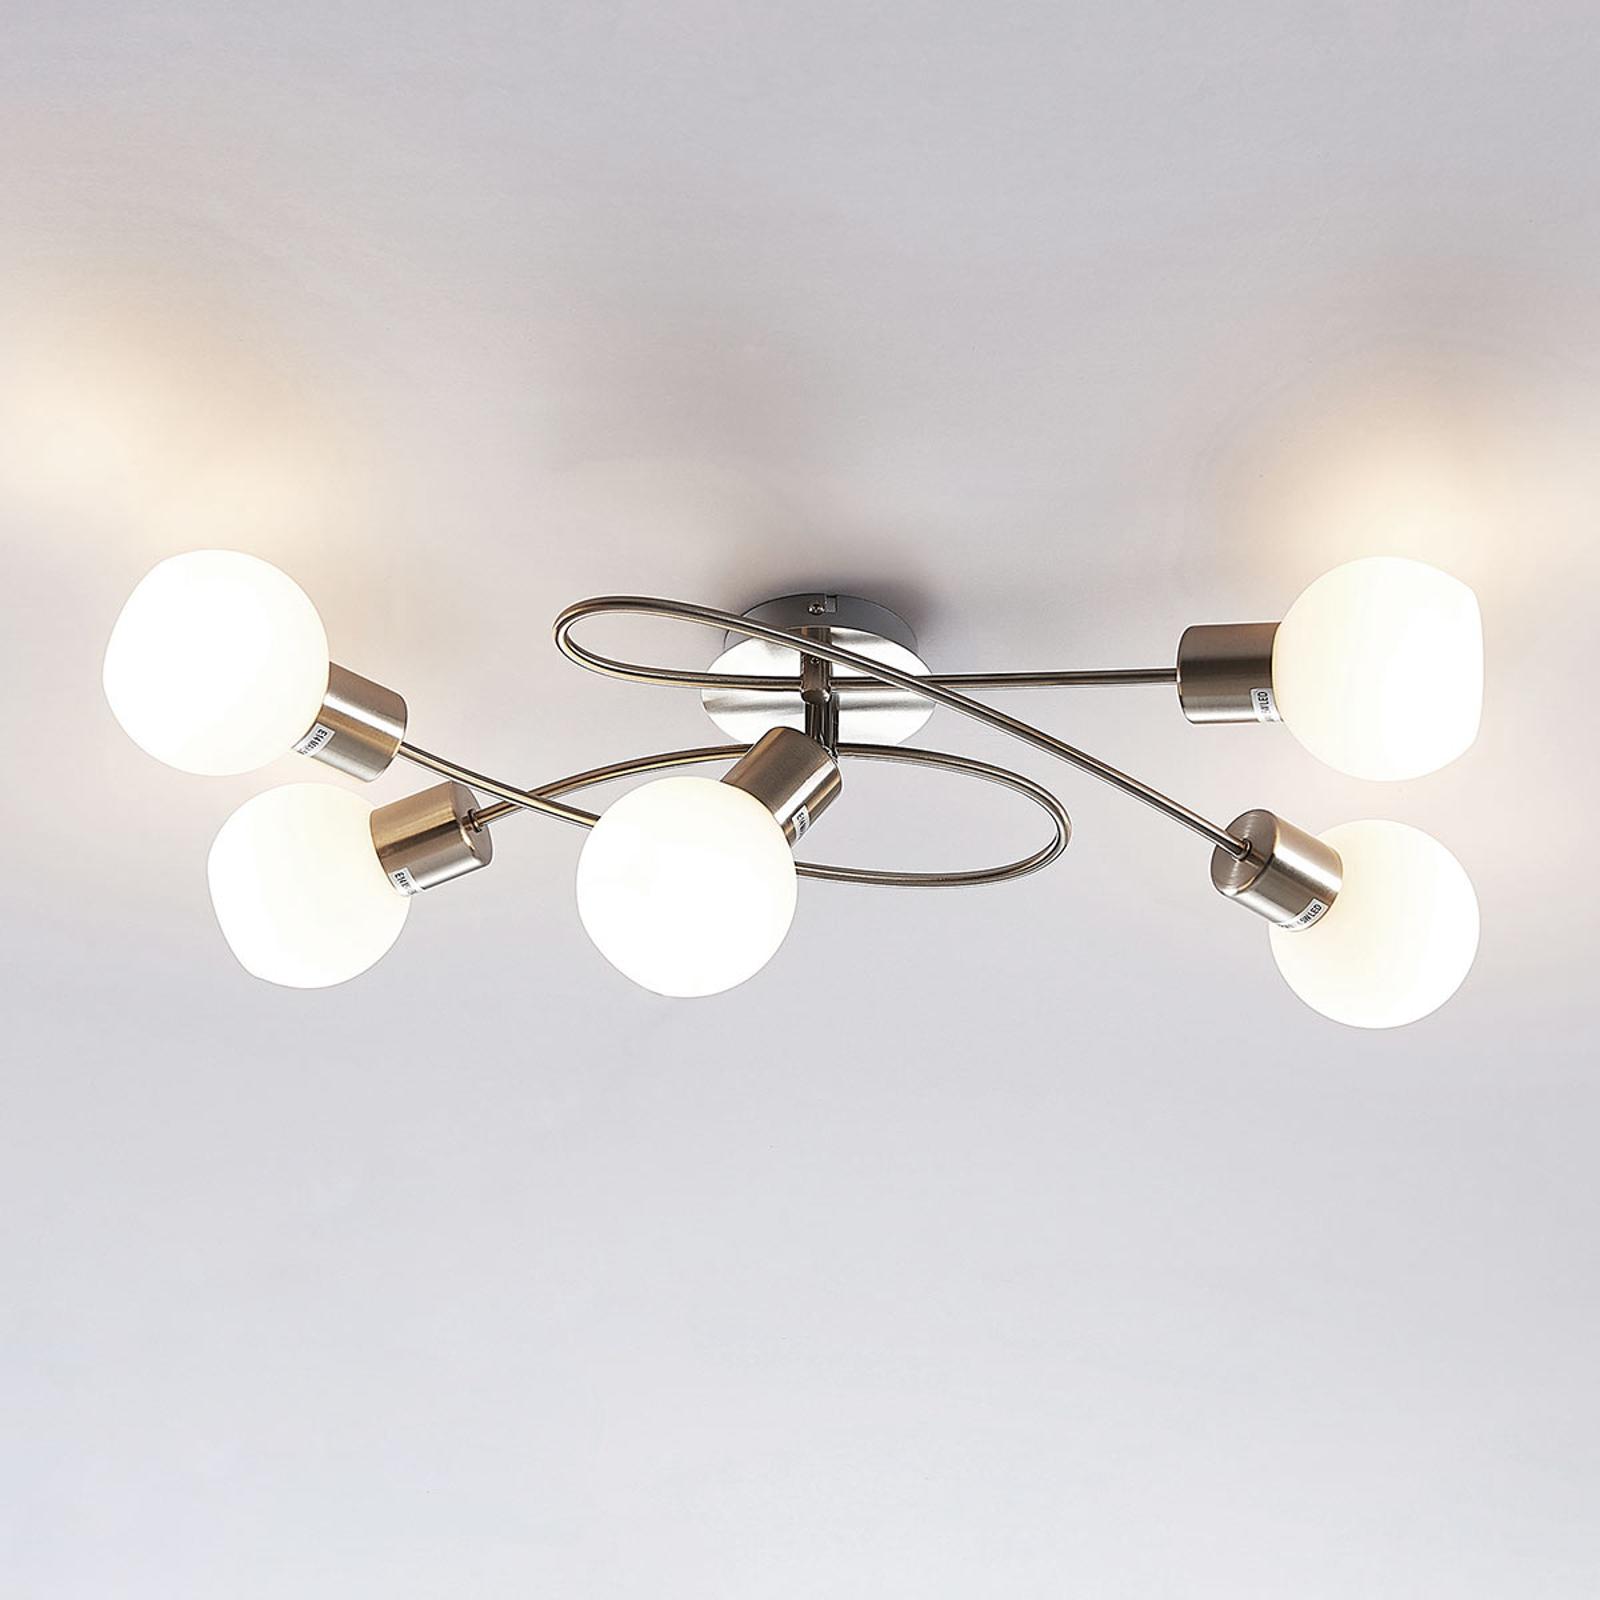 Vakker LED-taklampe Elaina, 5 punkt, matt nikkel.